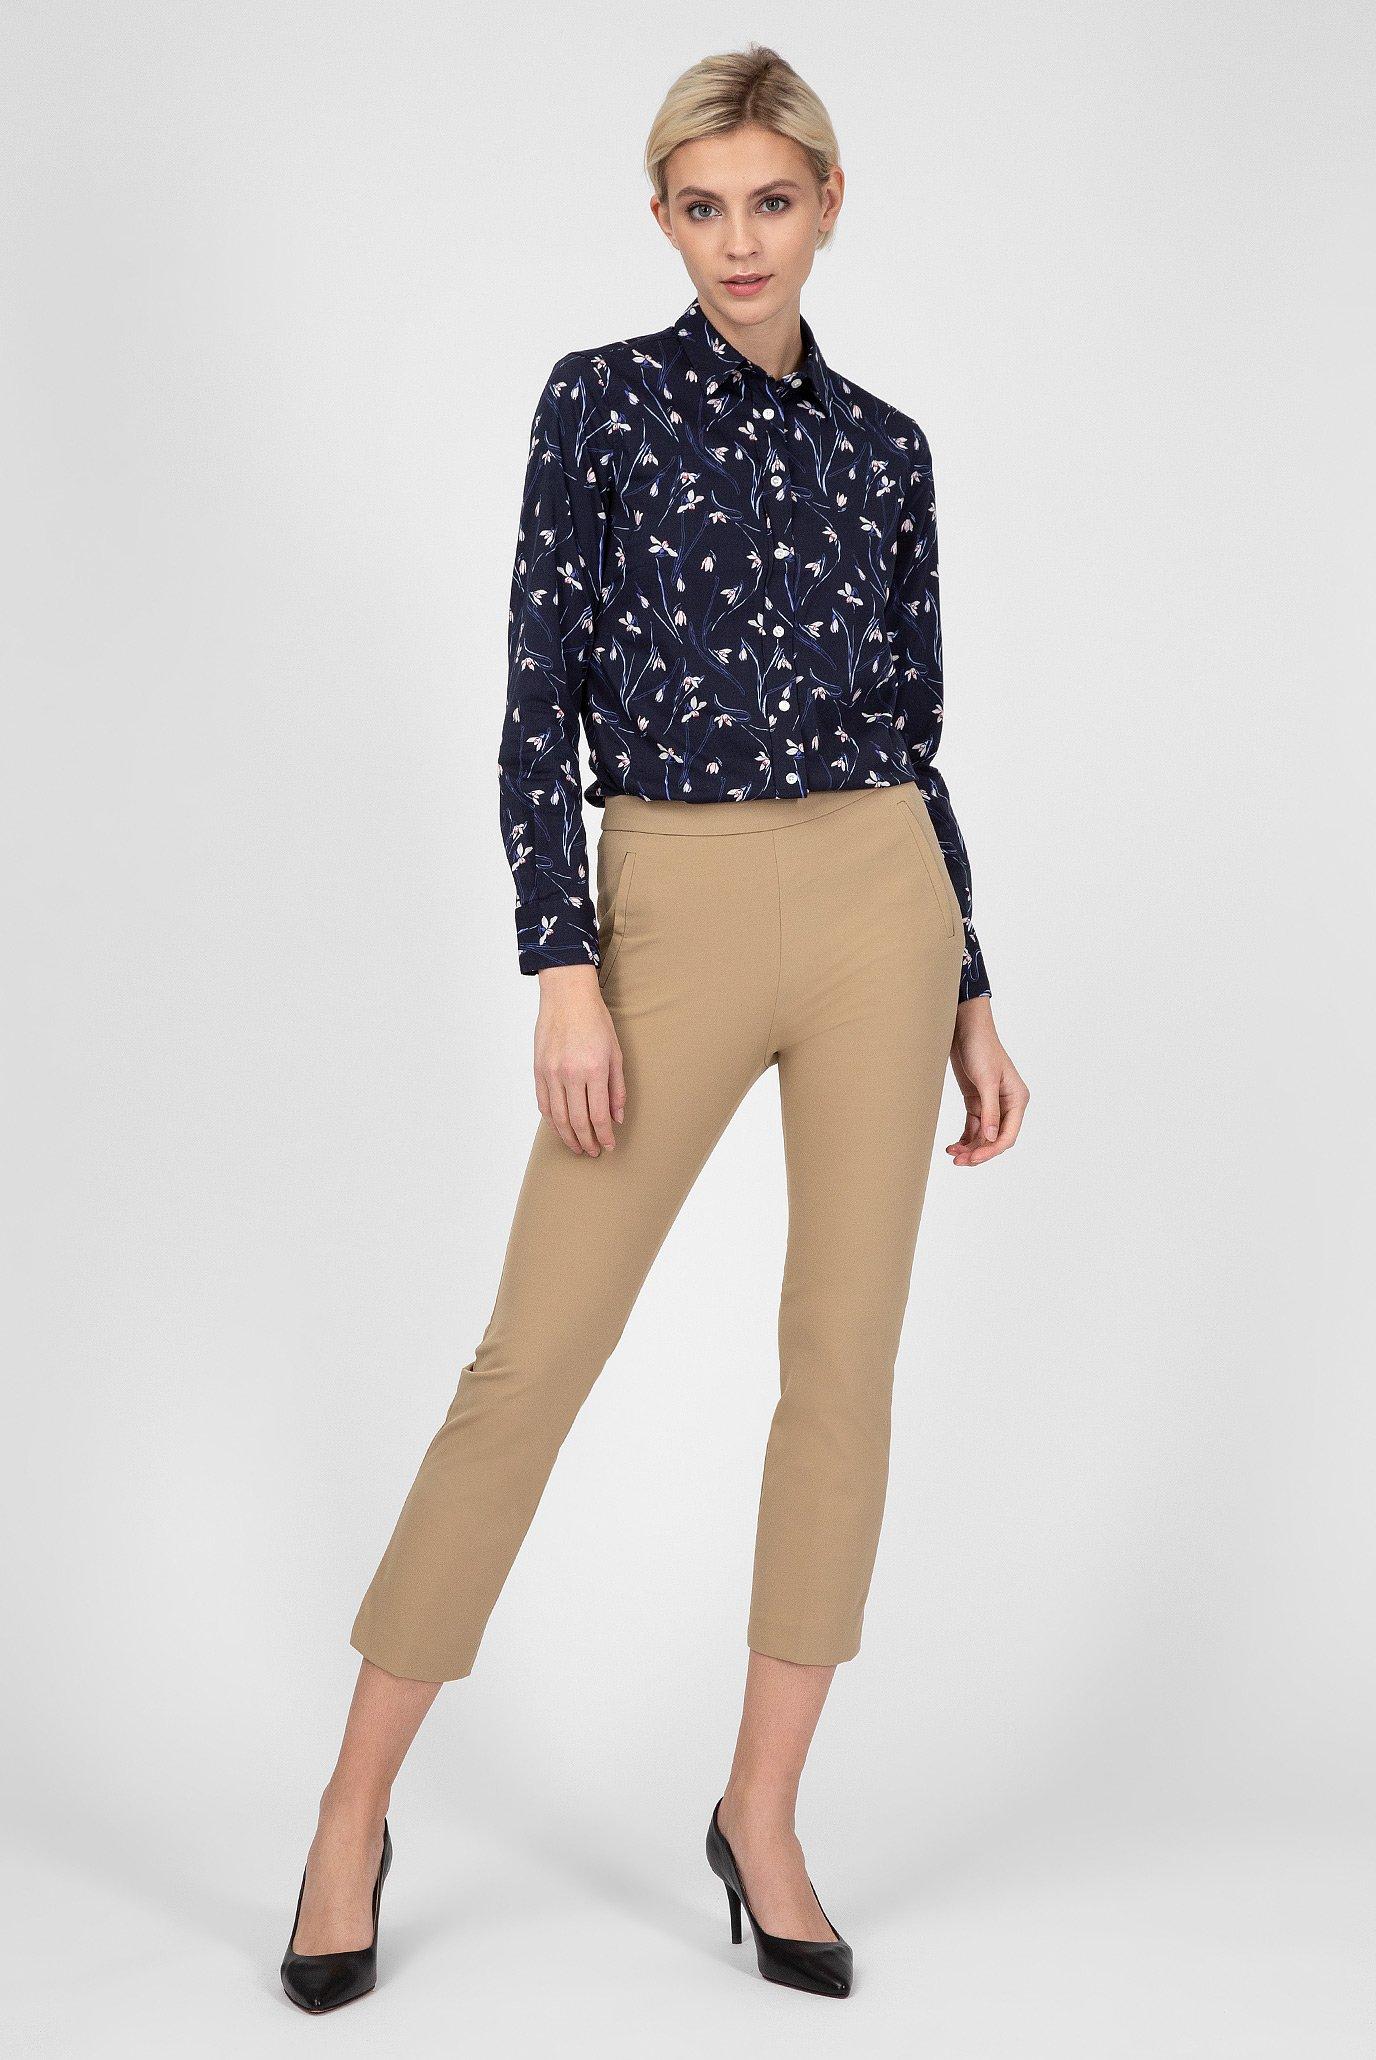 Купить Женская синяя рубашка с принтом Gant Gant 4320065 – Киев, Украина. Цены в интернет магазине MD Fashion